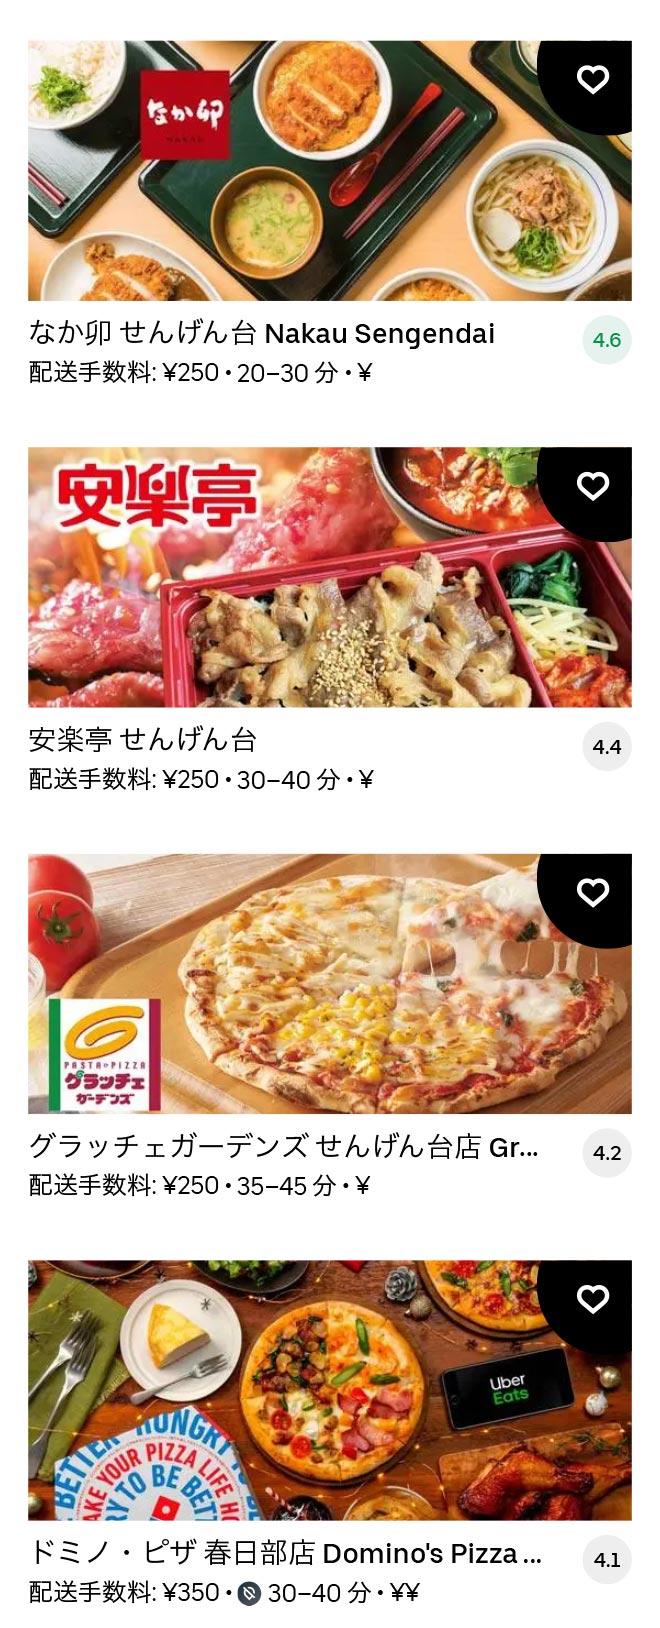 Takesato menu 2101 05